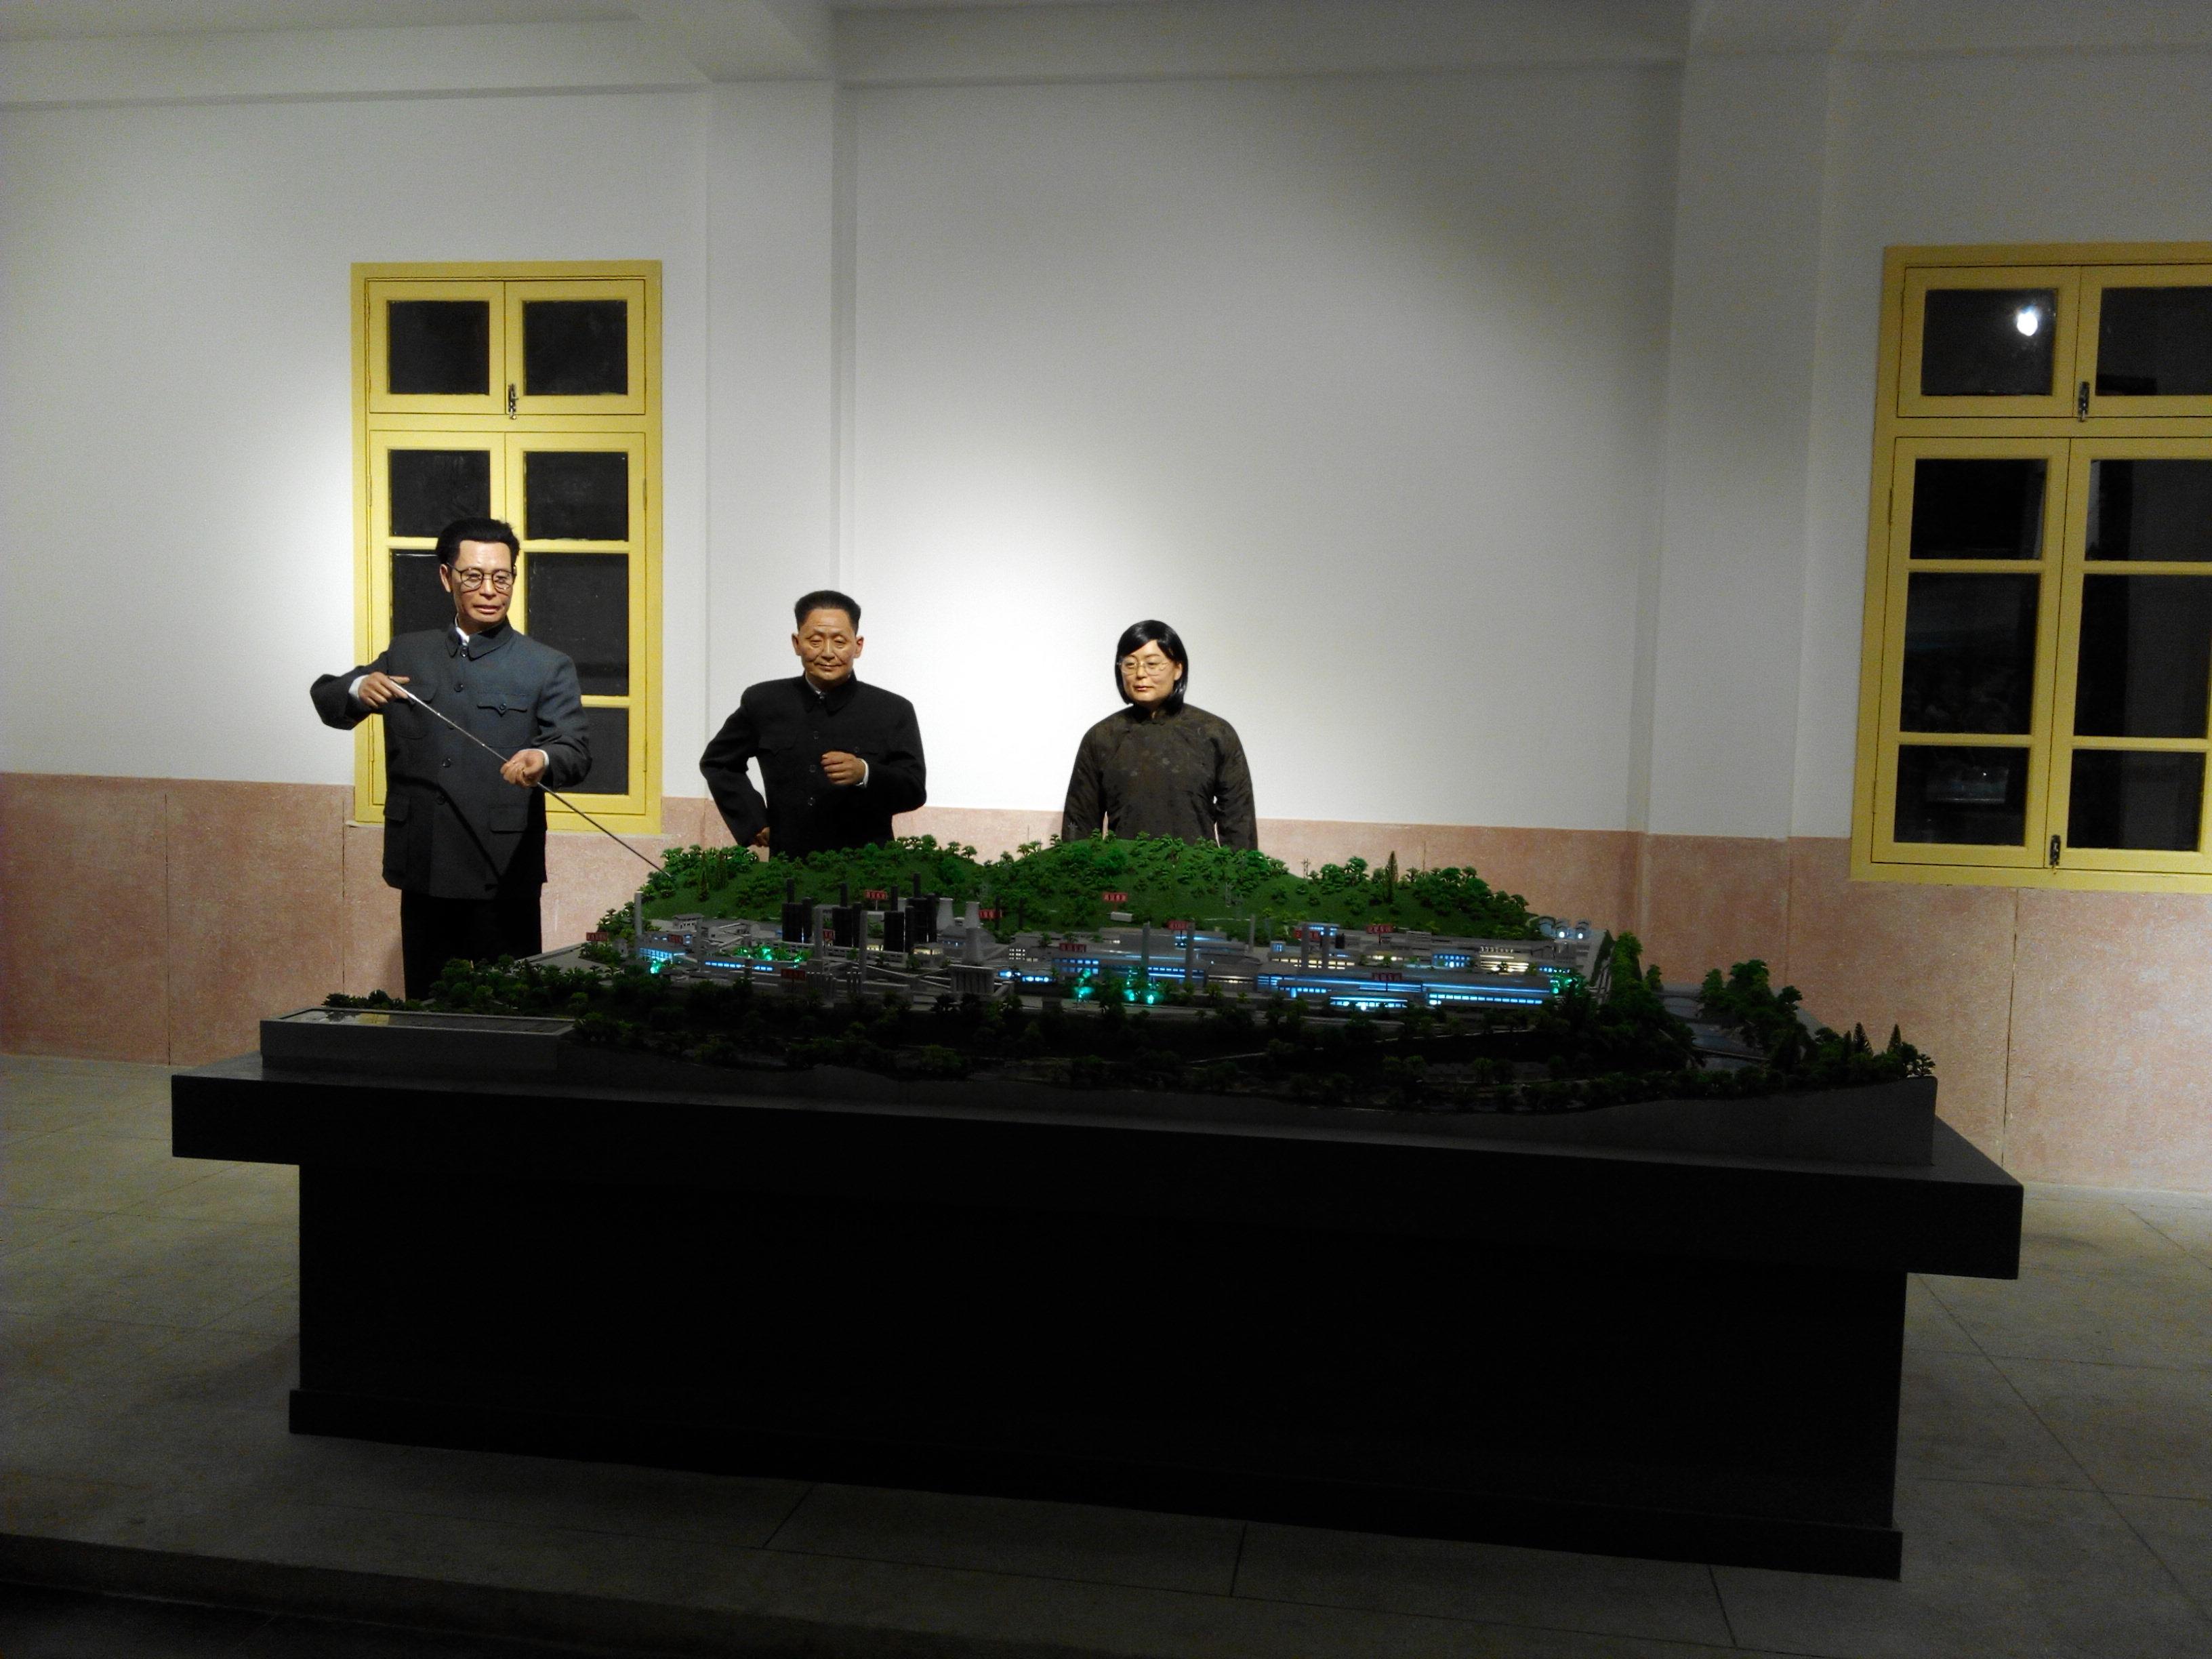 博物馆展示模型制作